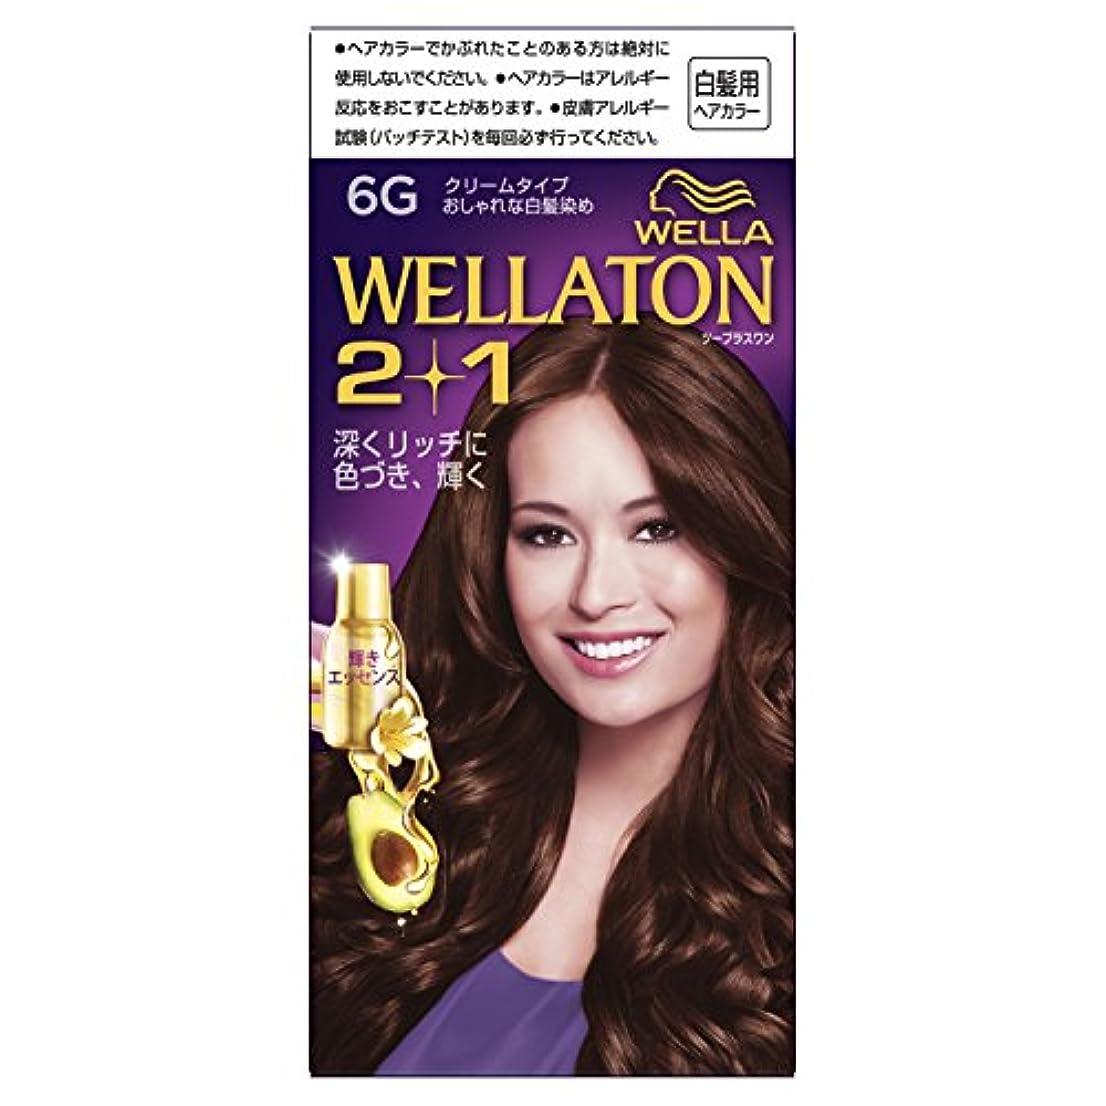 ブラウンフィードオン流星ウエラトーン2+1 クリームタイプ 6G [医薬部外品](おしゃれな白髪染め)